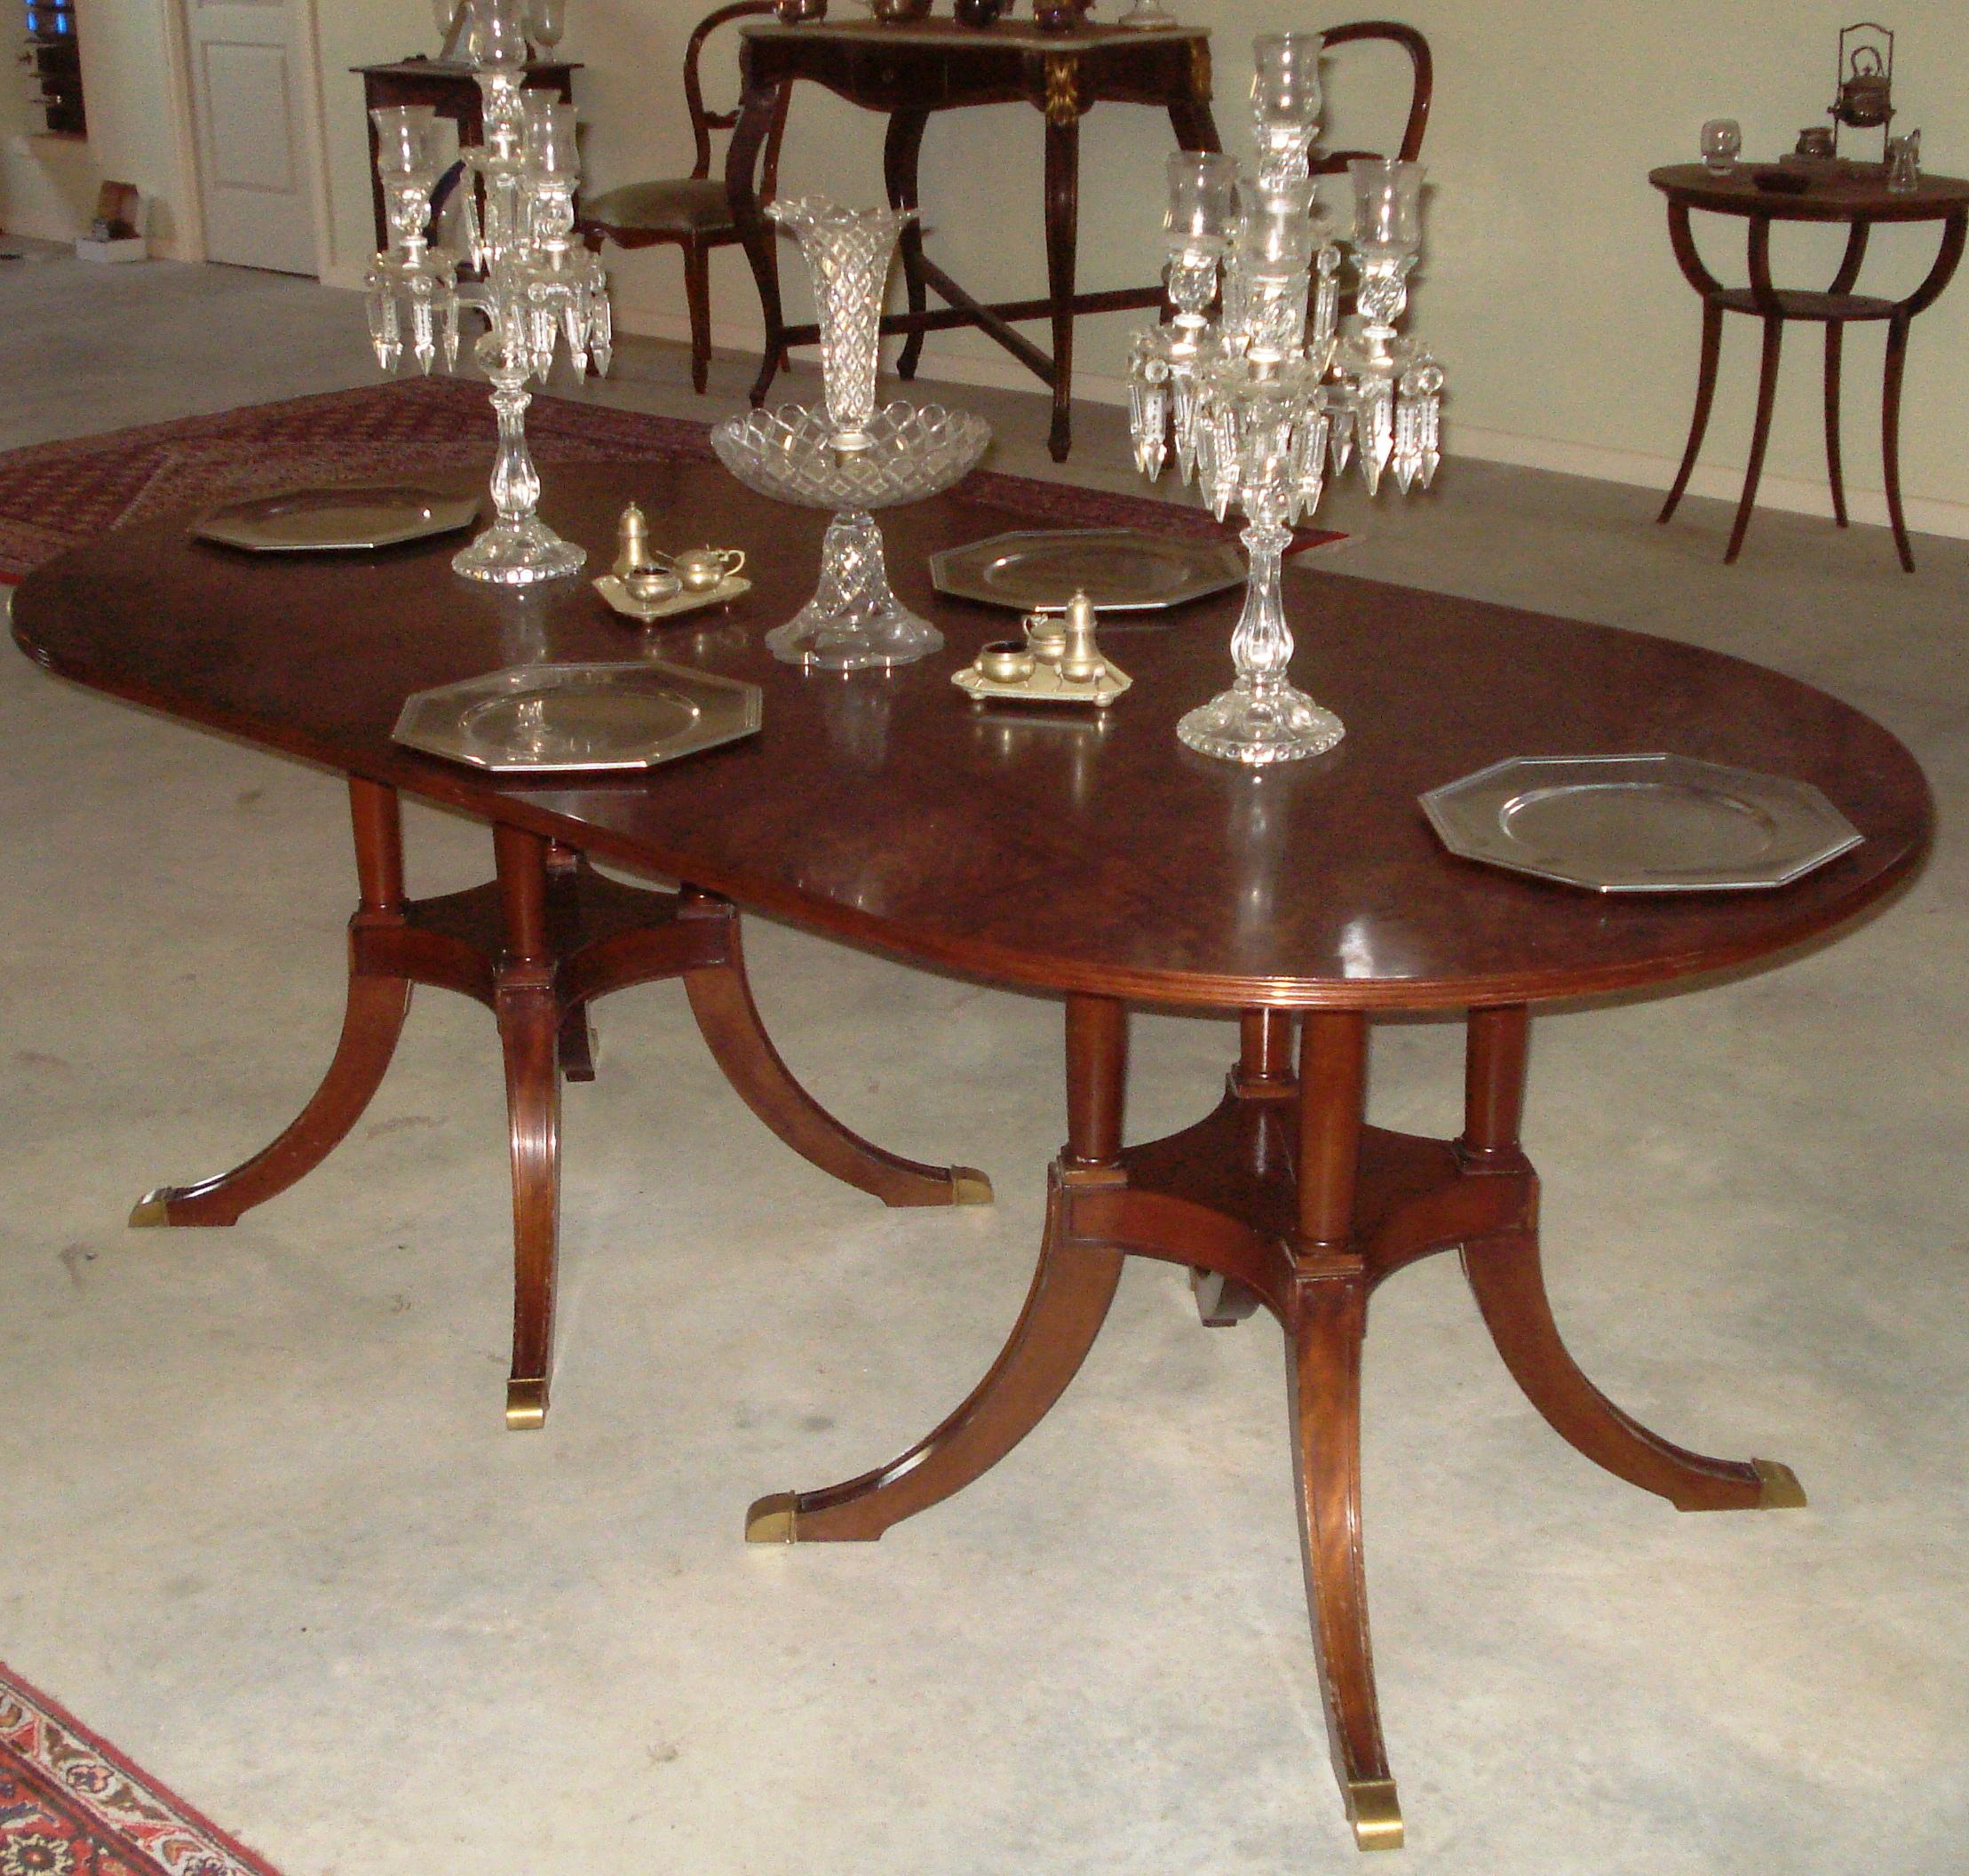 Venta de mueble y alfombras antiguas Mallorca - Antiguedades ...